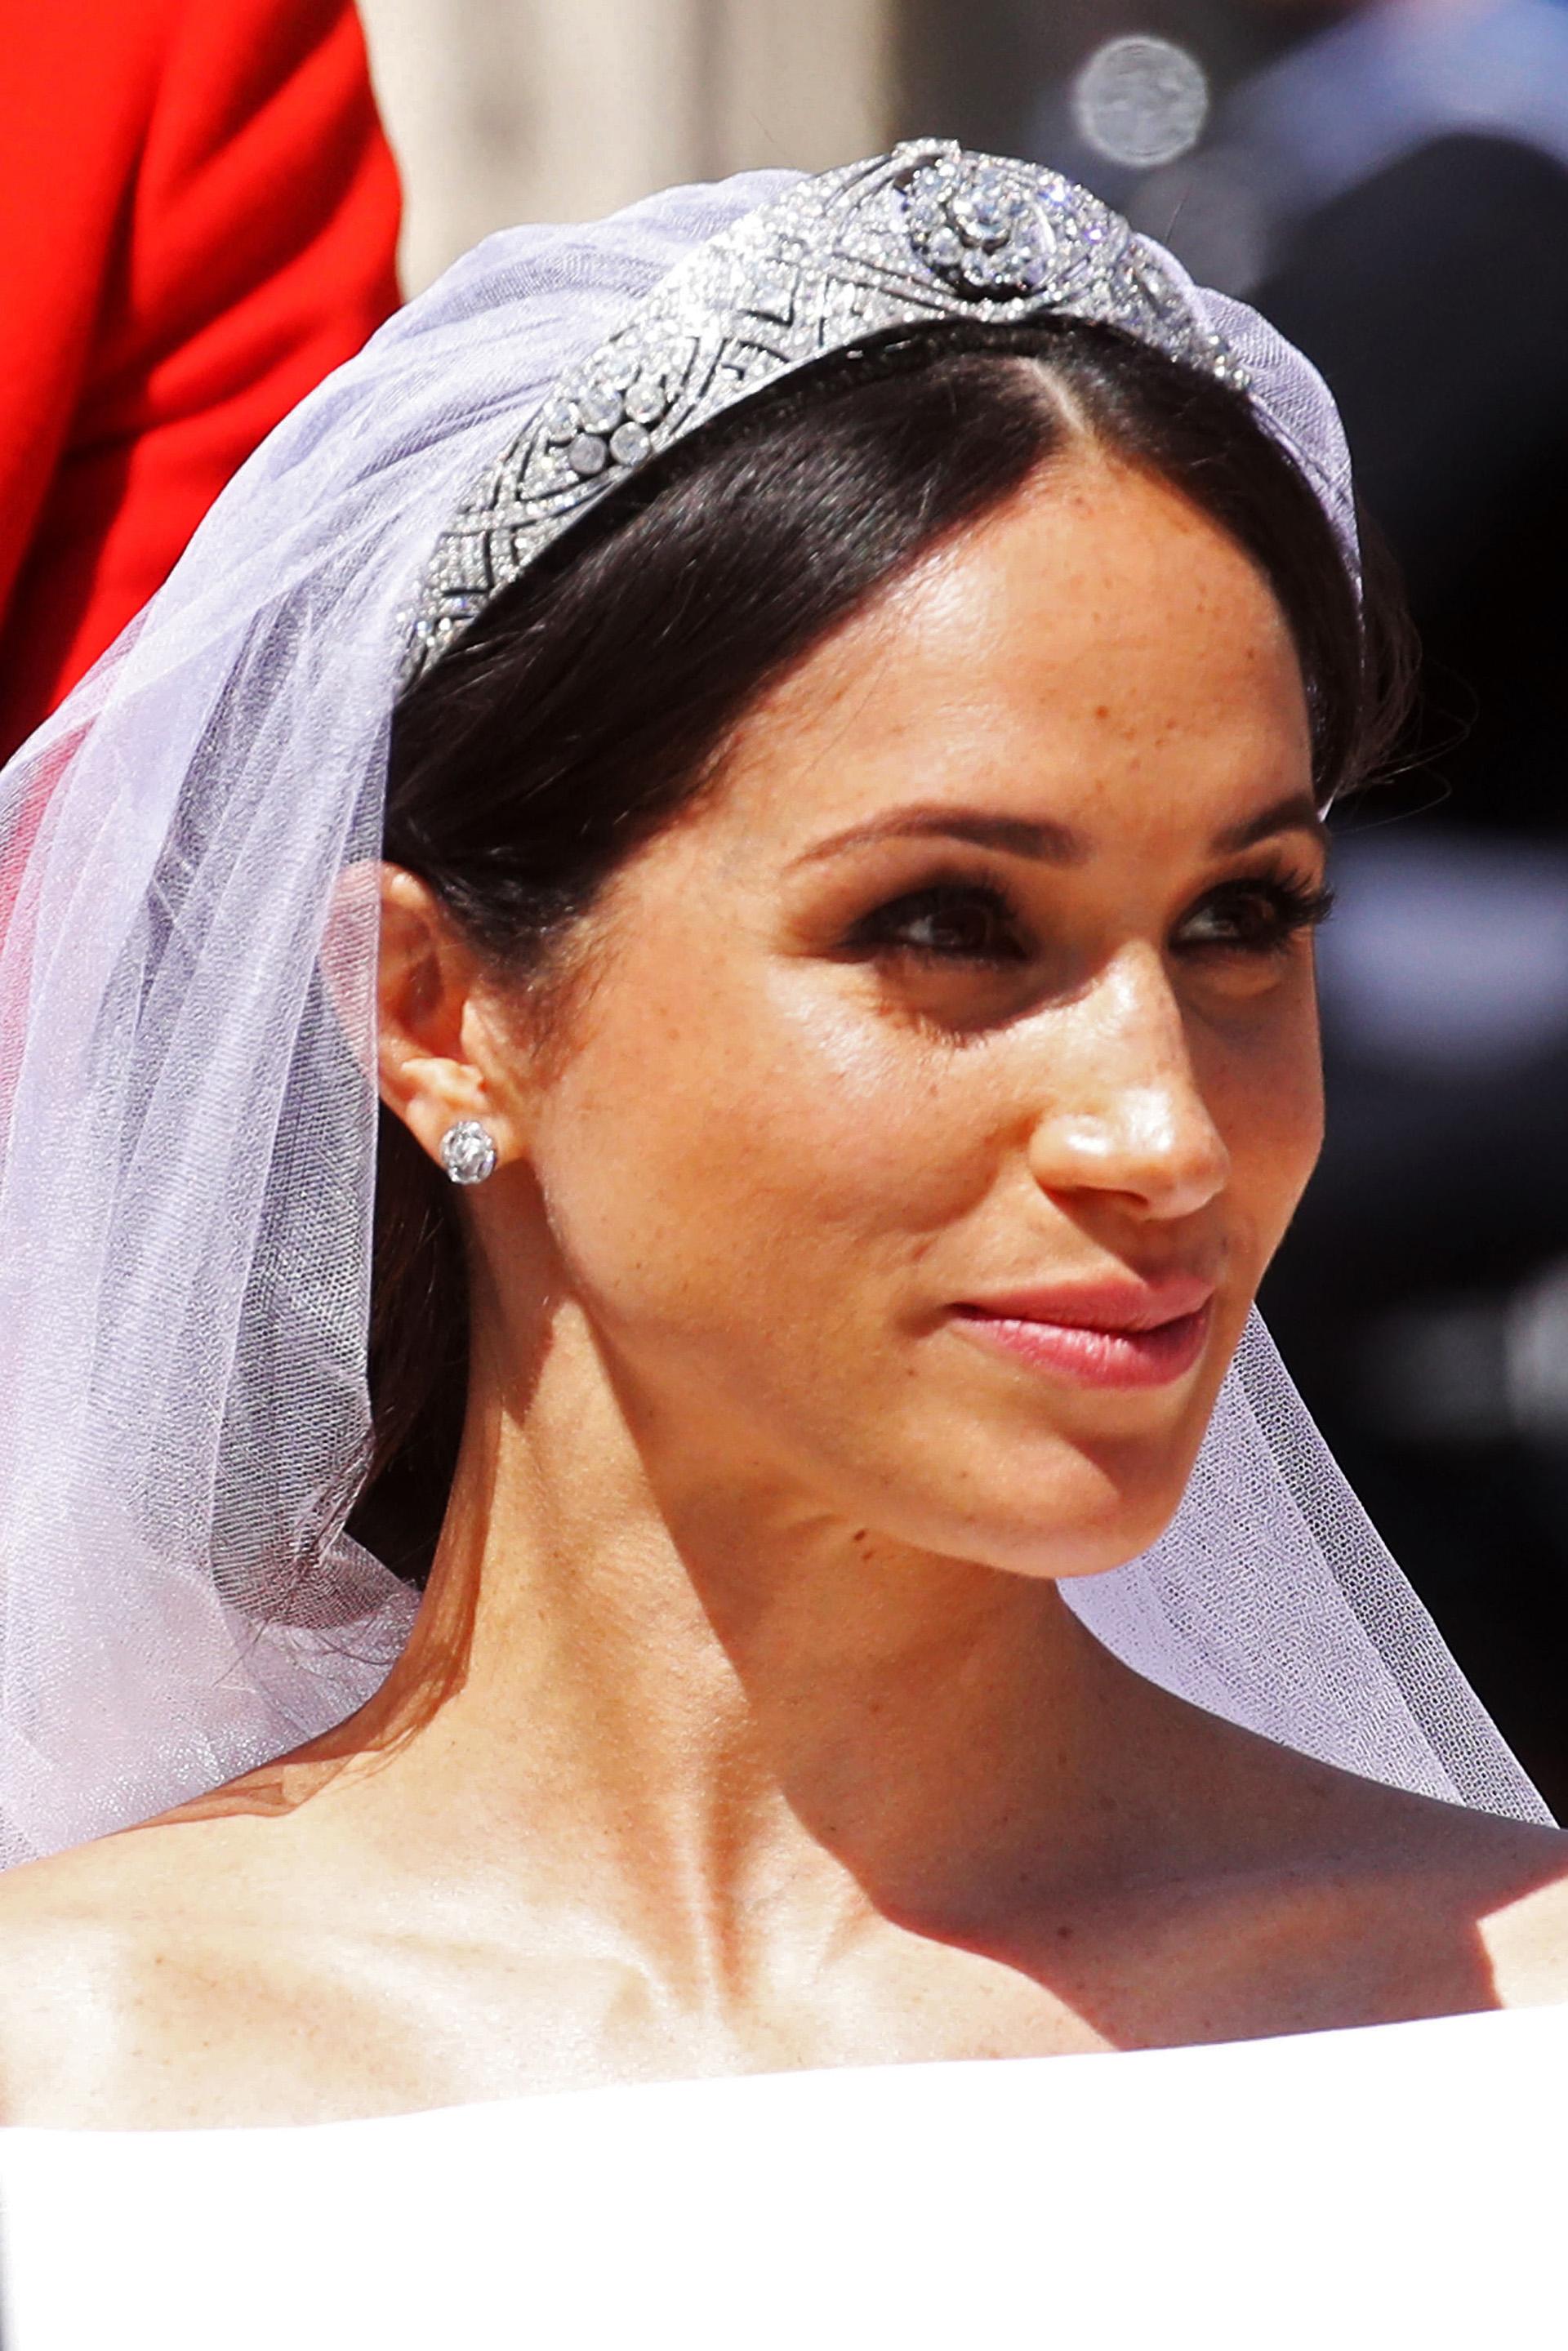 El maquillaje de la novia fue natural, dejó sus pecas sin cubrir y resaltó sus ojos con un delineador